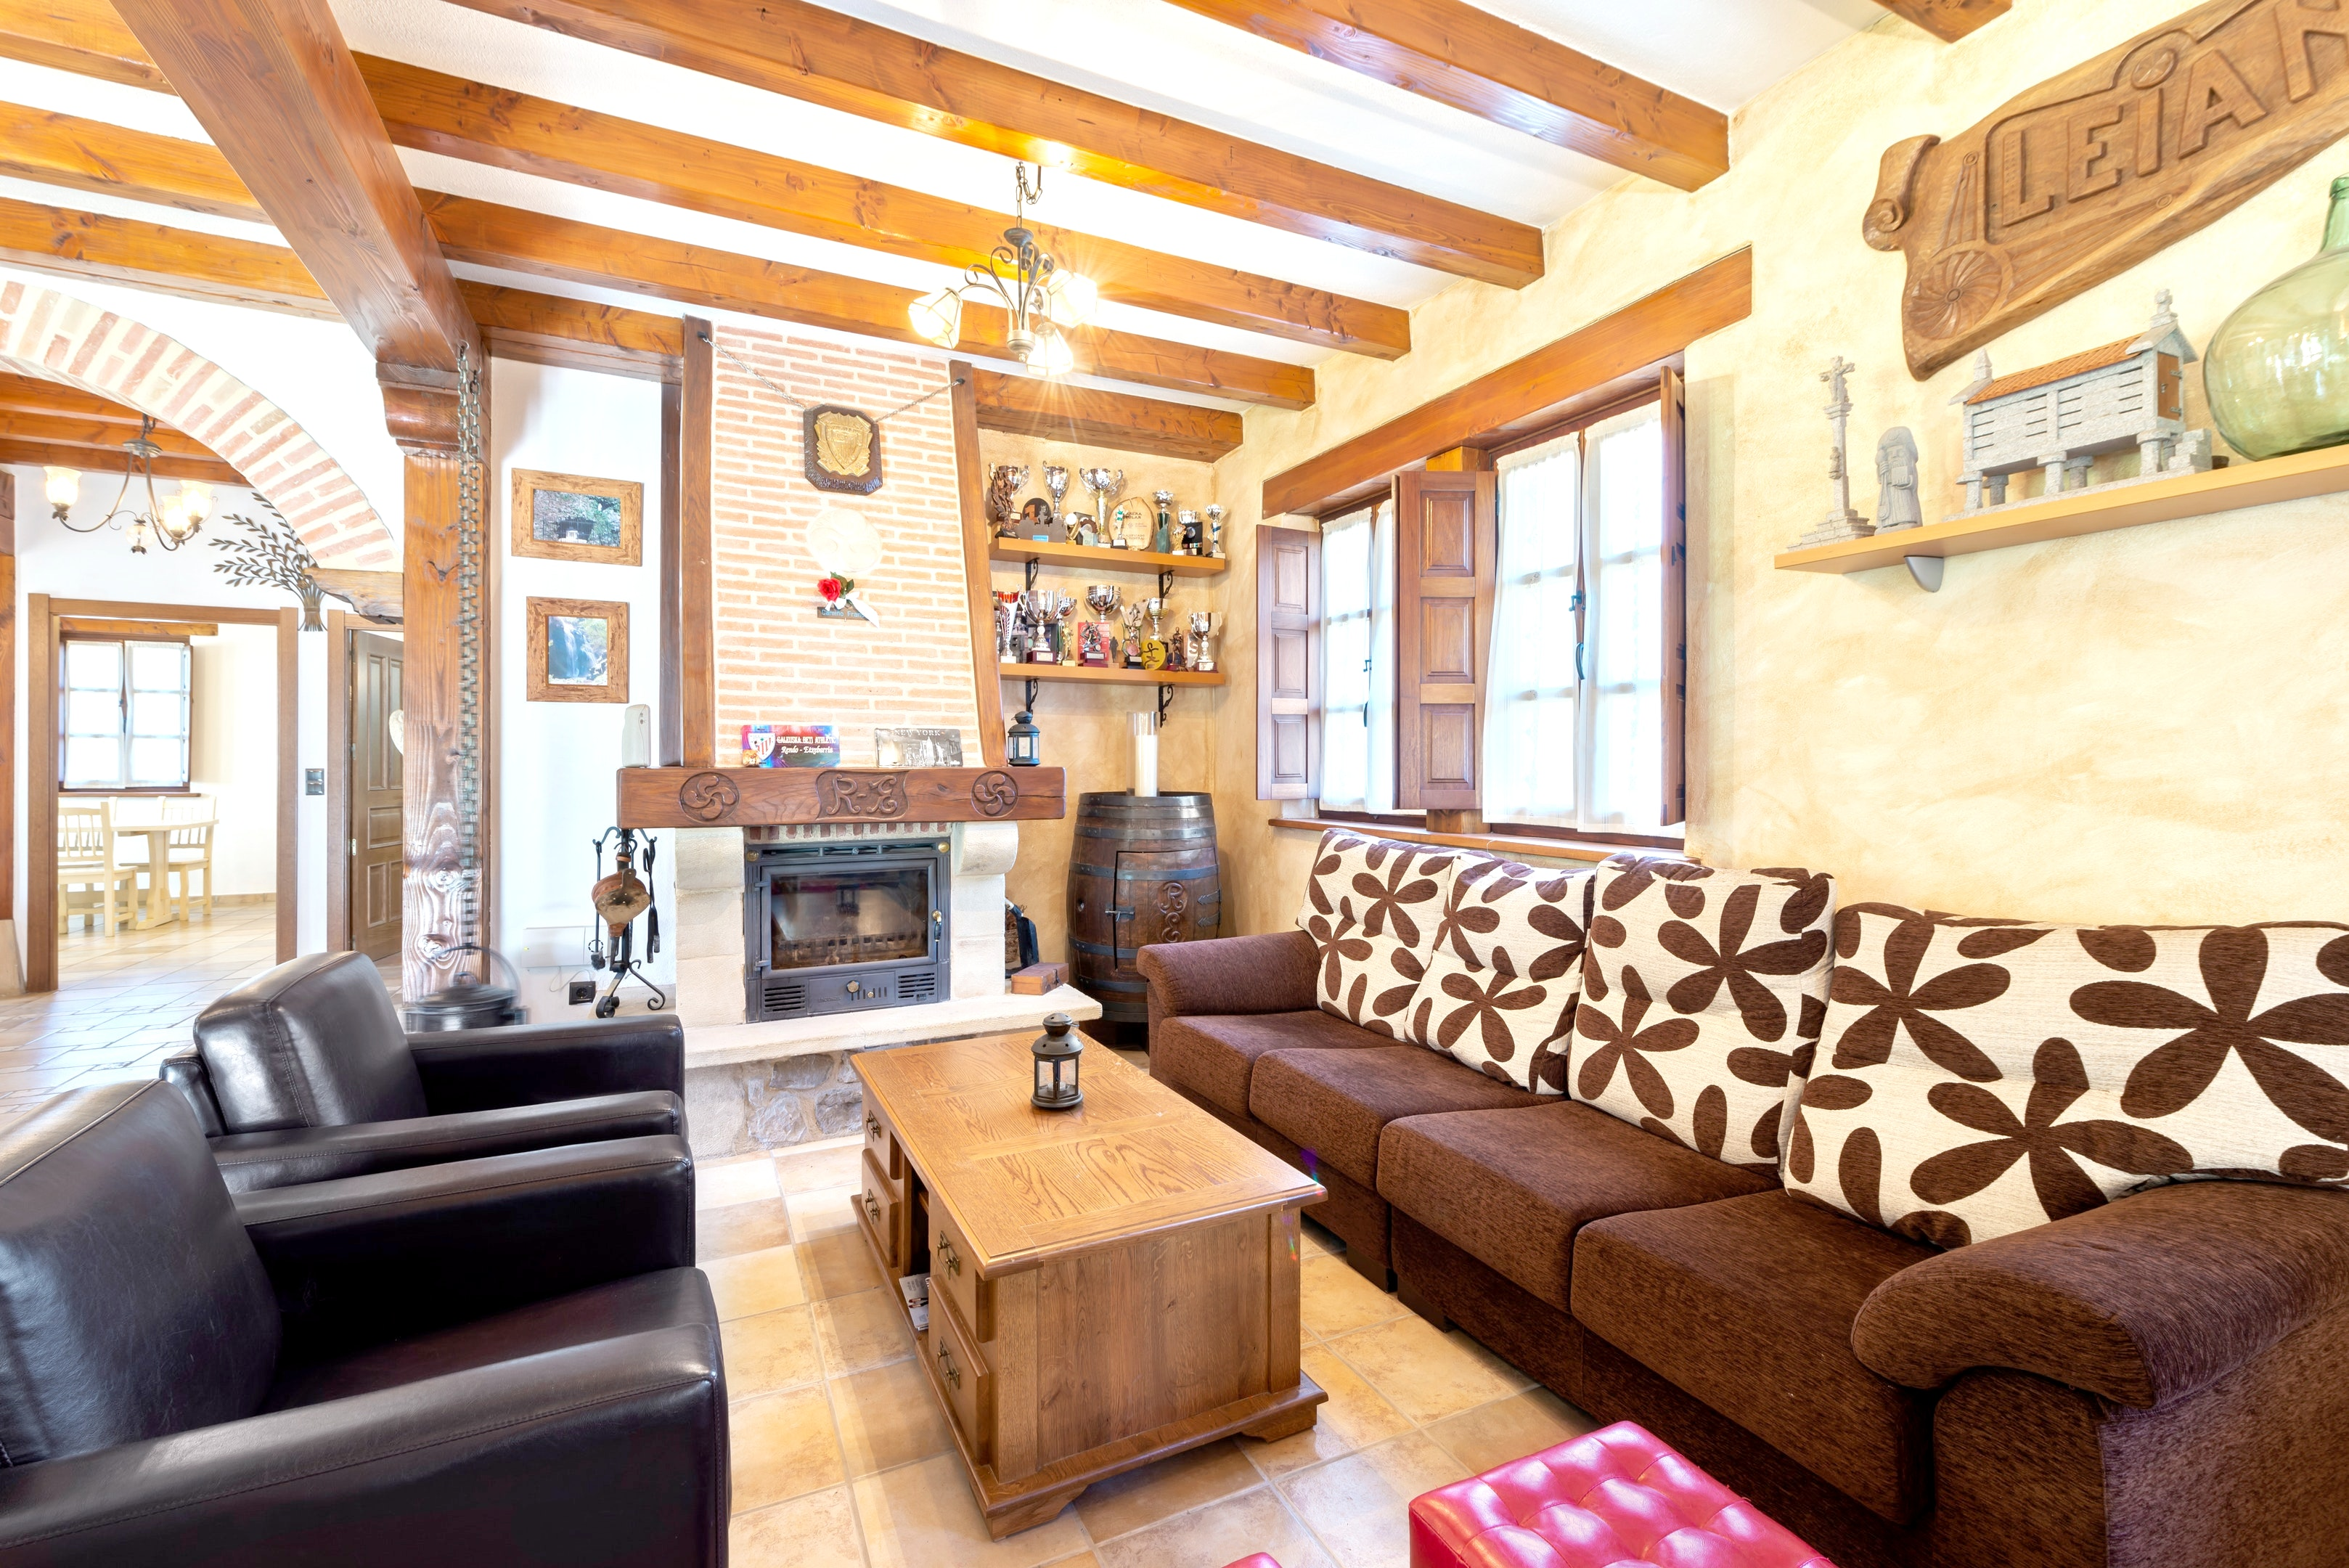 Ferienhaus Villa mit 6 Schlafzimmern in Bizkaia mit privatem Pool und möblierter Terrasse (2519370), Dima, Bizkaia, Baskenland, Spanien, Bild 2